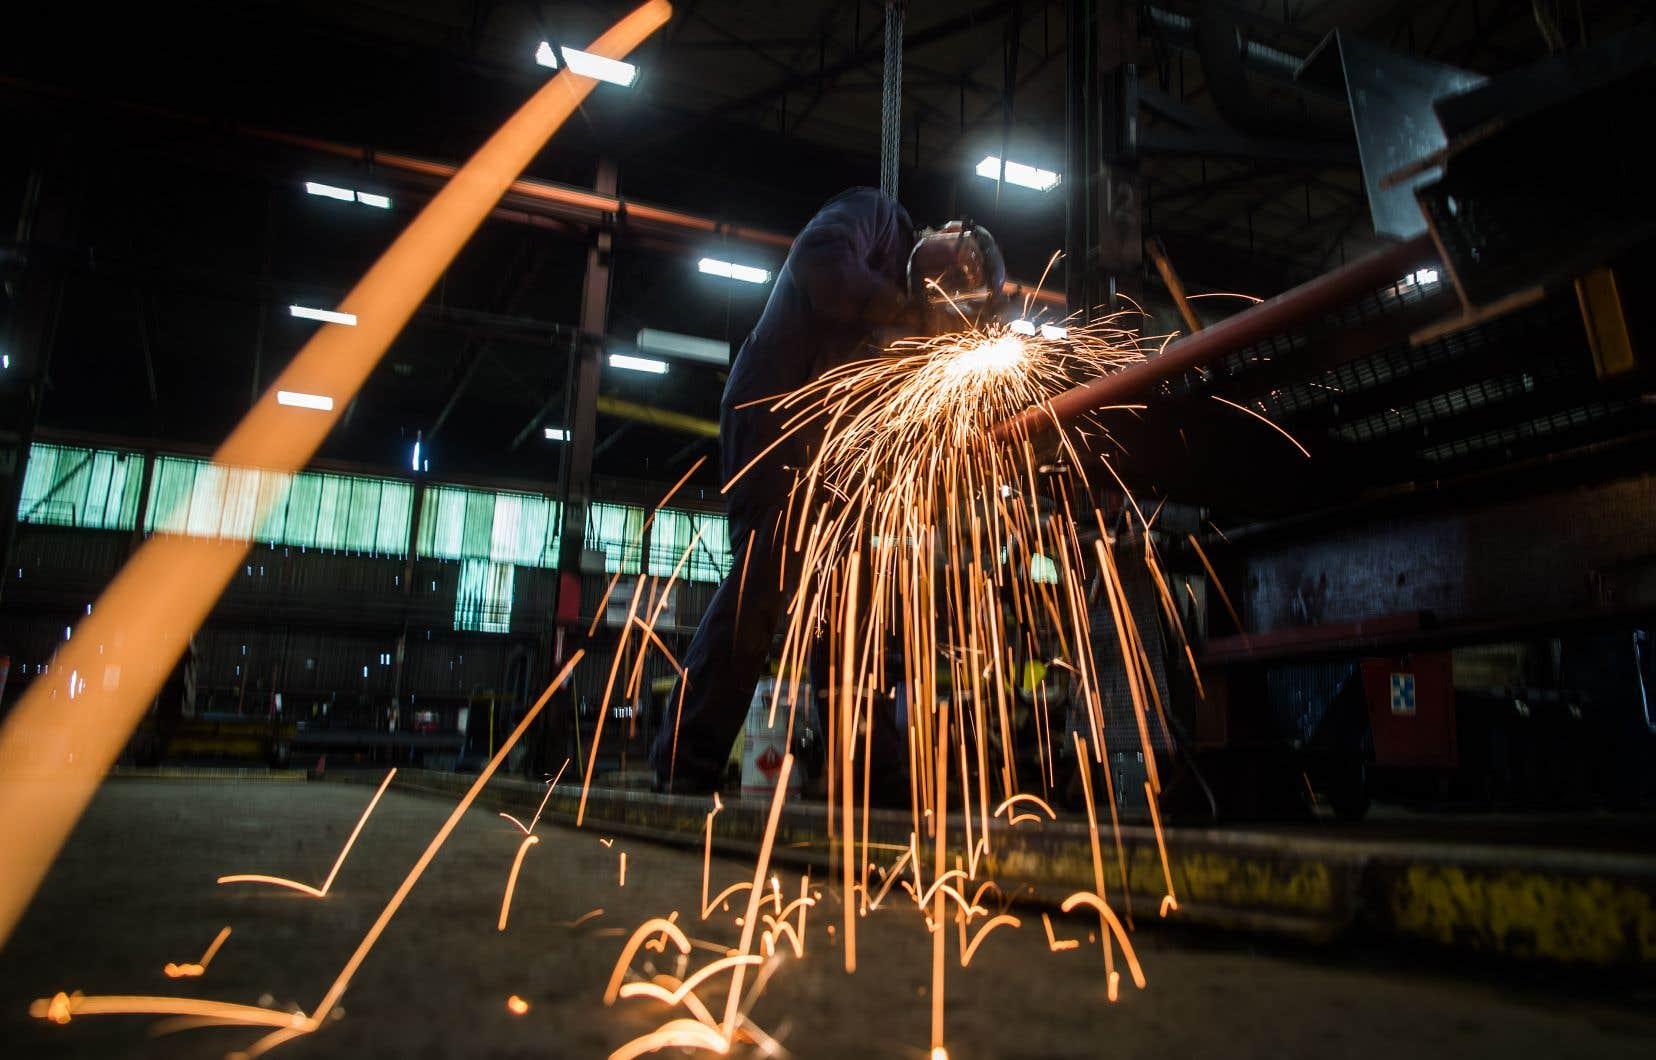 Seulement 15%des entreprises, surtout manufacturières, s'attendent à un redressement quasi complet de leurs ventes dans les 12 prochains mois.